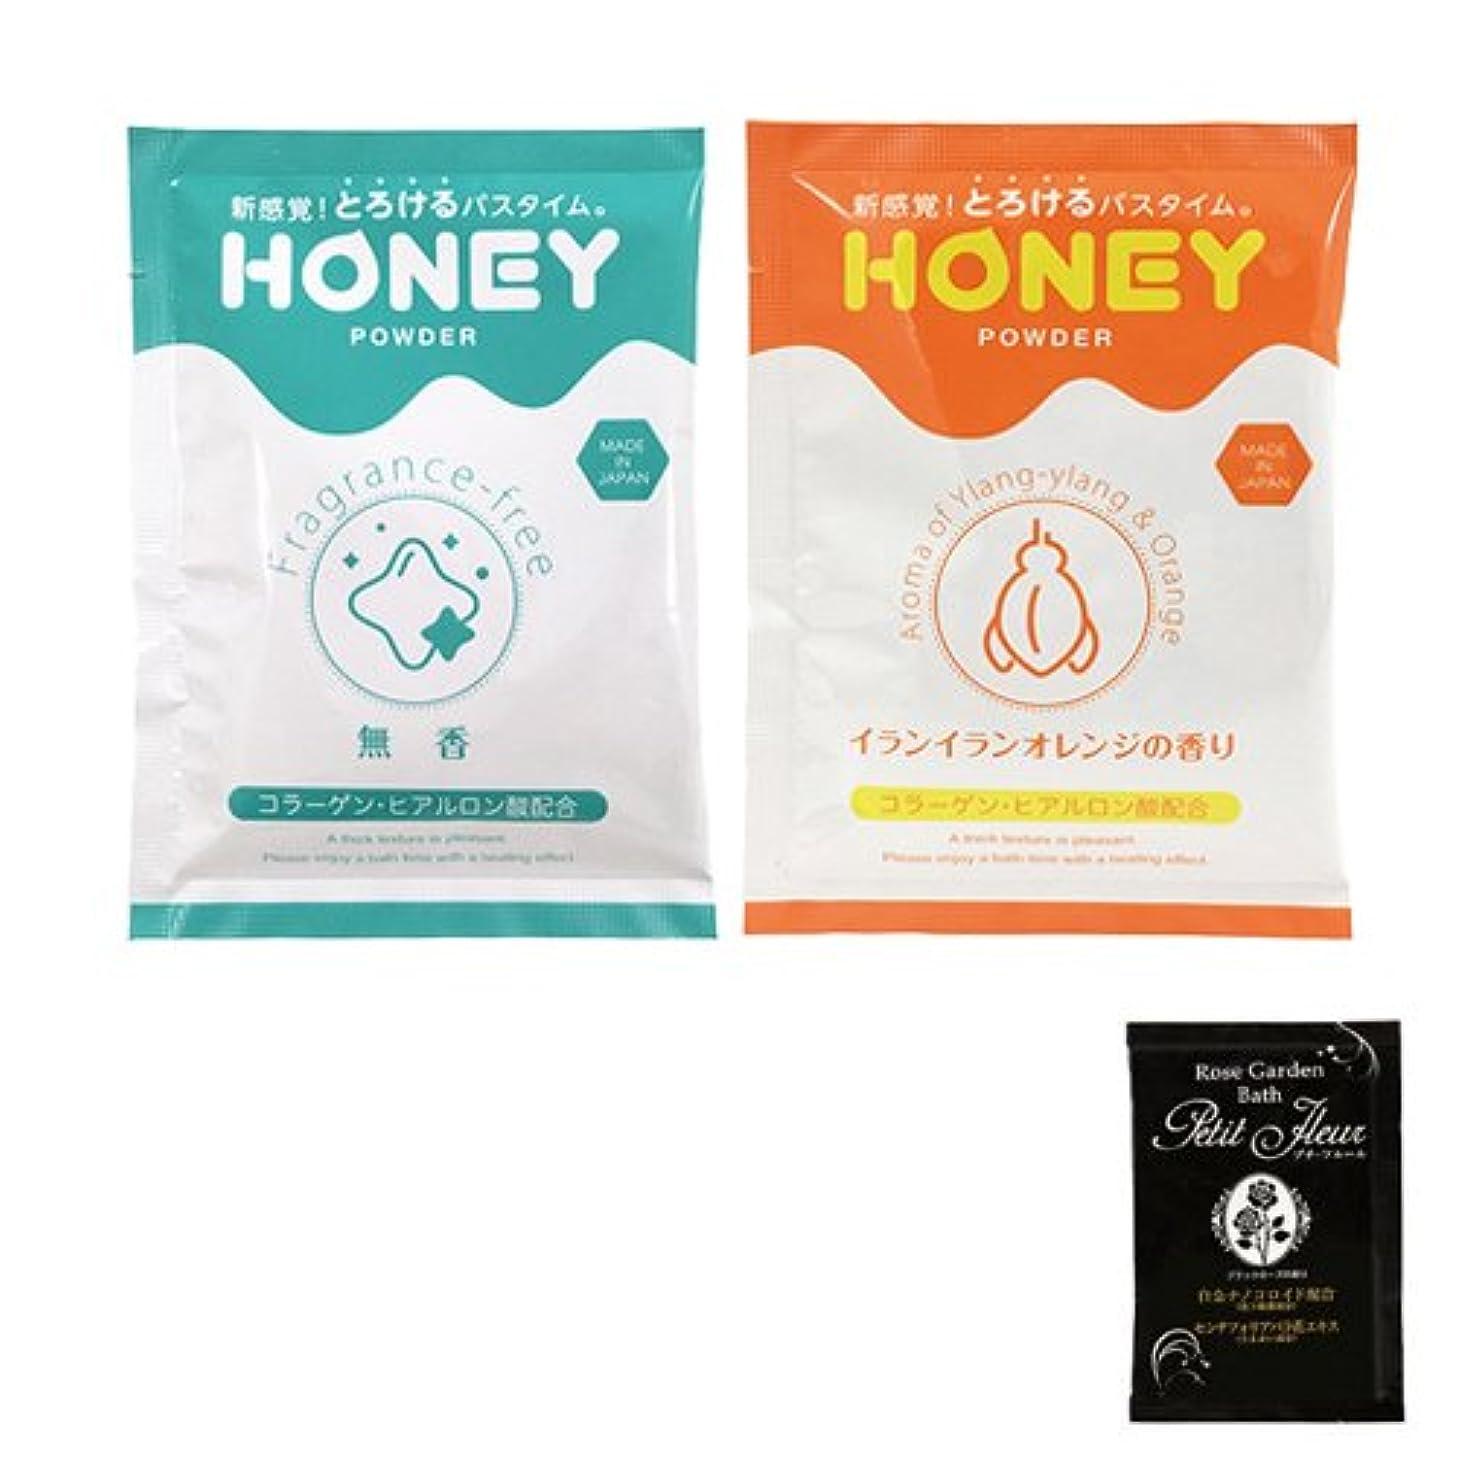 調整する手のひら体現するとろとろ入浴剤【honey powder】粉末タイプ イランイランオレンジの香り + 無香 + 入浴剤(プチフルール)1回分